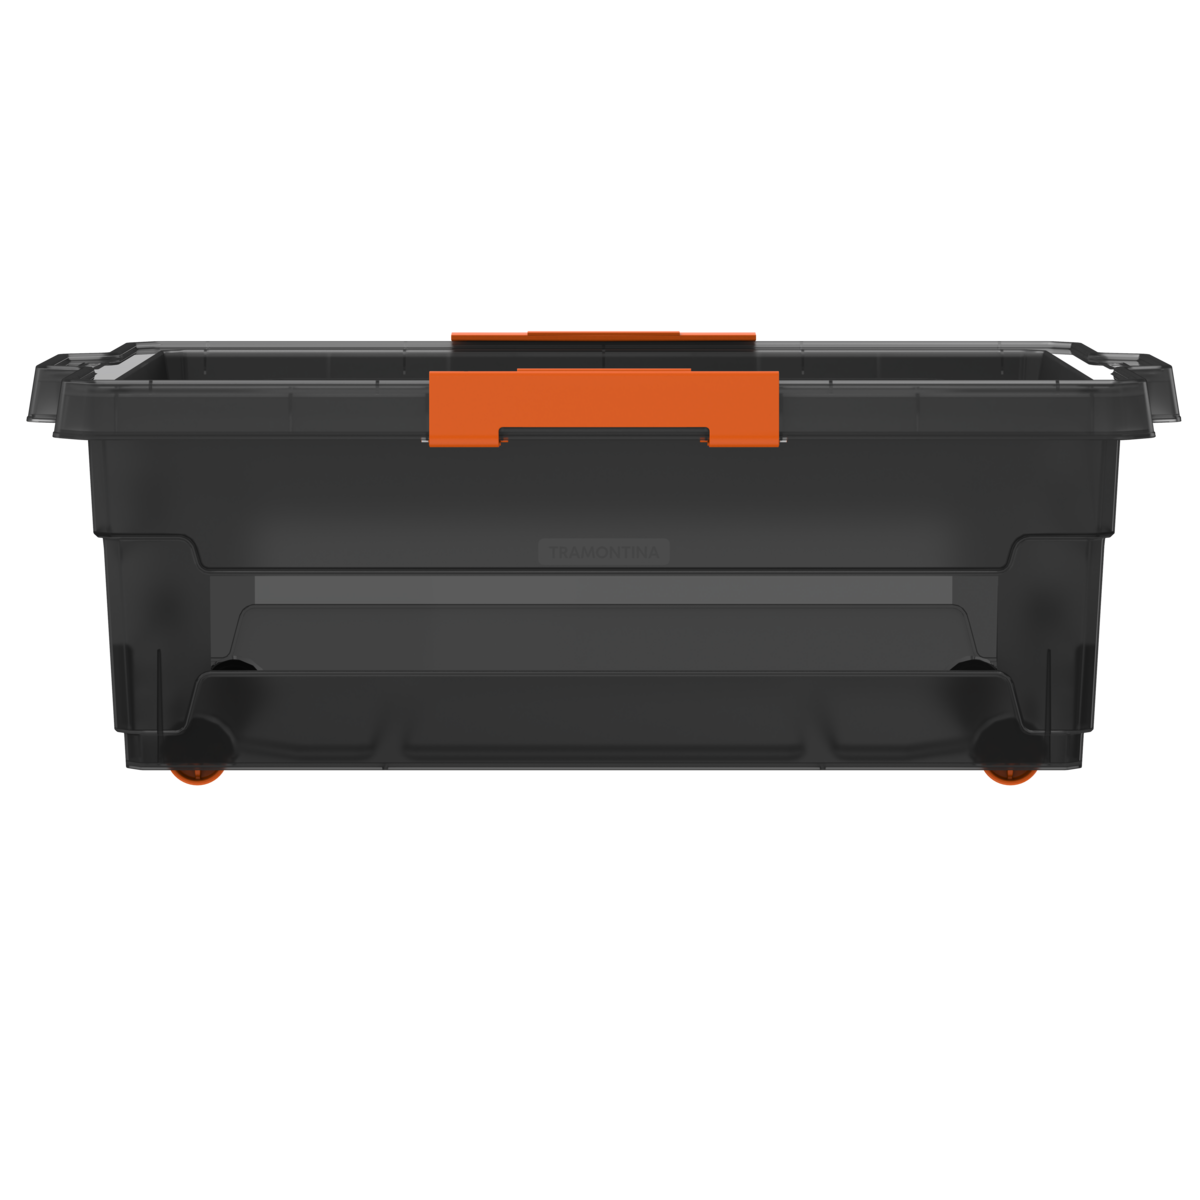 Caixa Organizadora Tramontina T-Force 40L com Rodas em Polipropileno Transparente